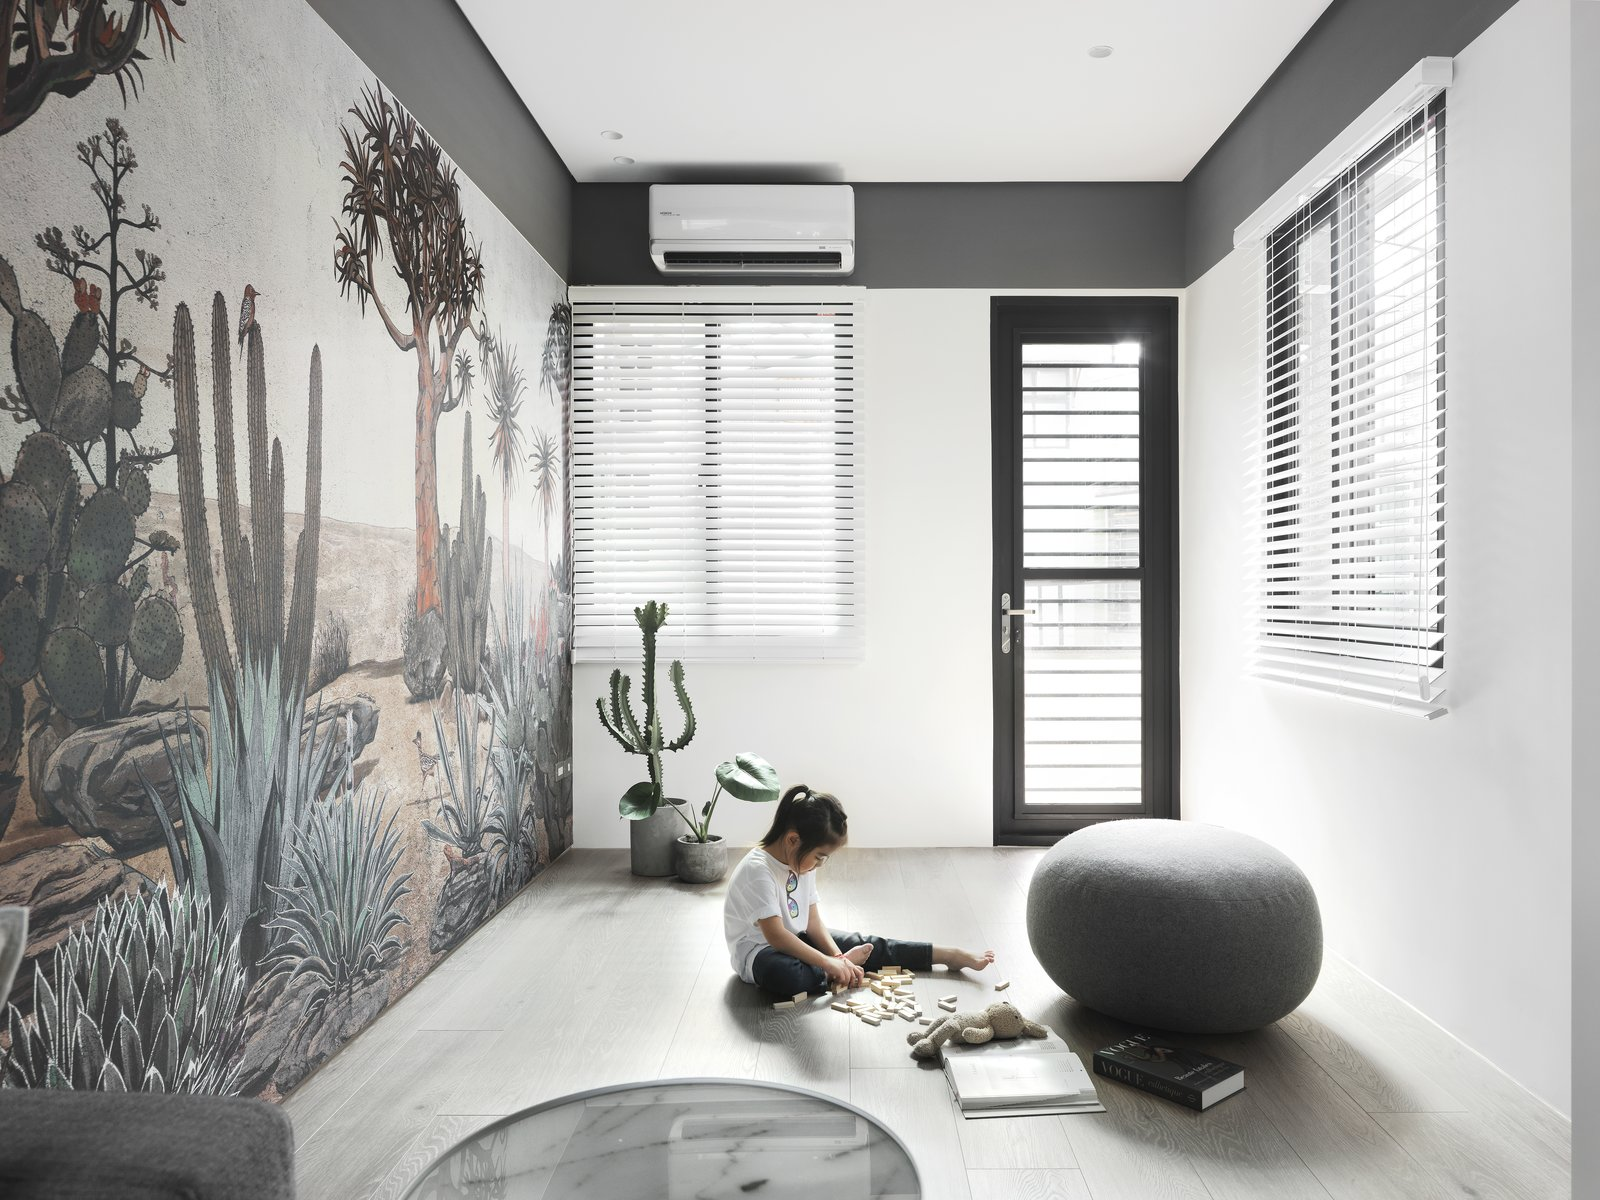 带起居室,沙发,浅色硬木地板和天花板照明的现代住宅。 日常生活的隐形秩序照片2